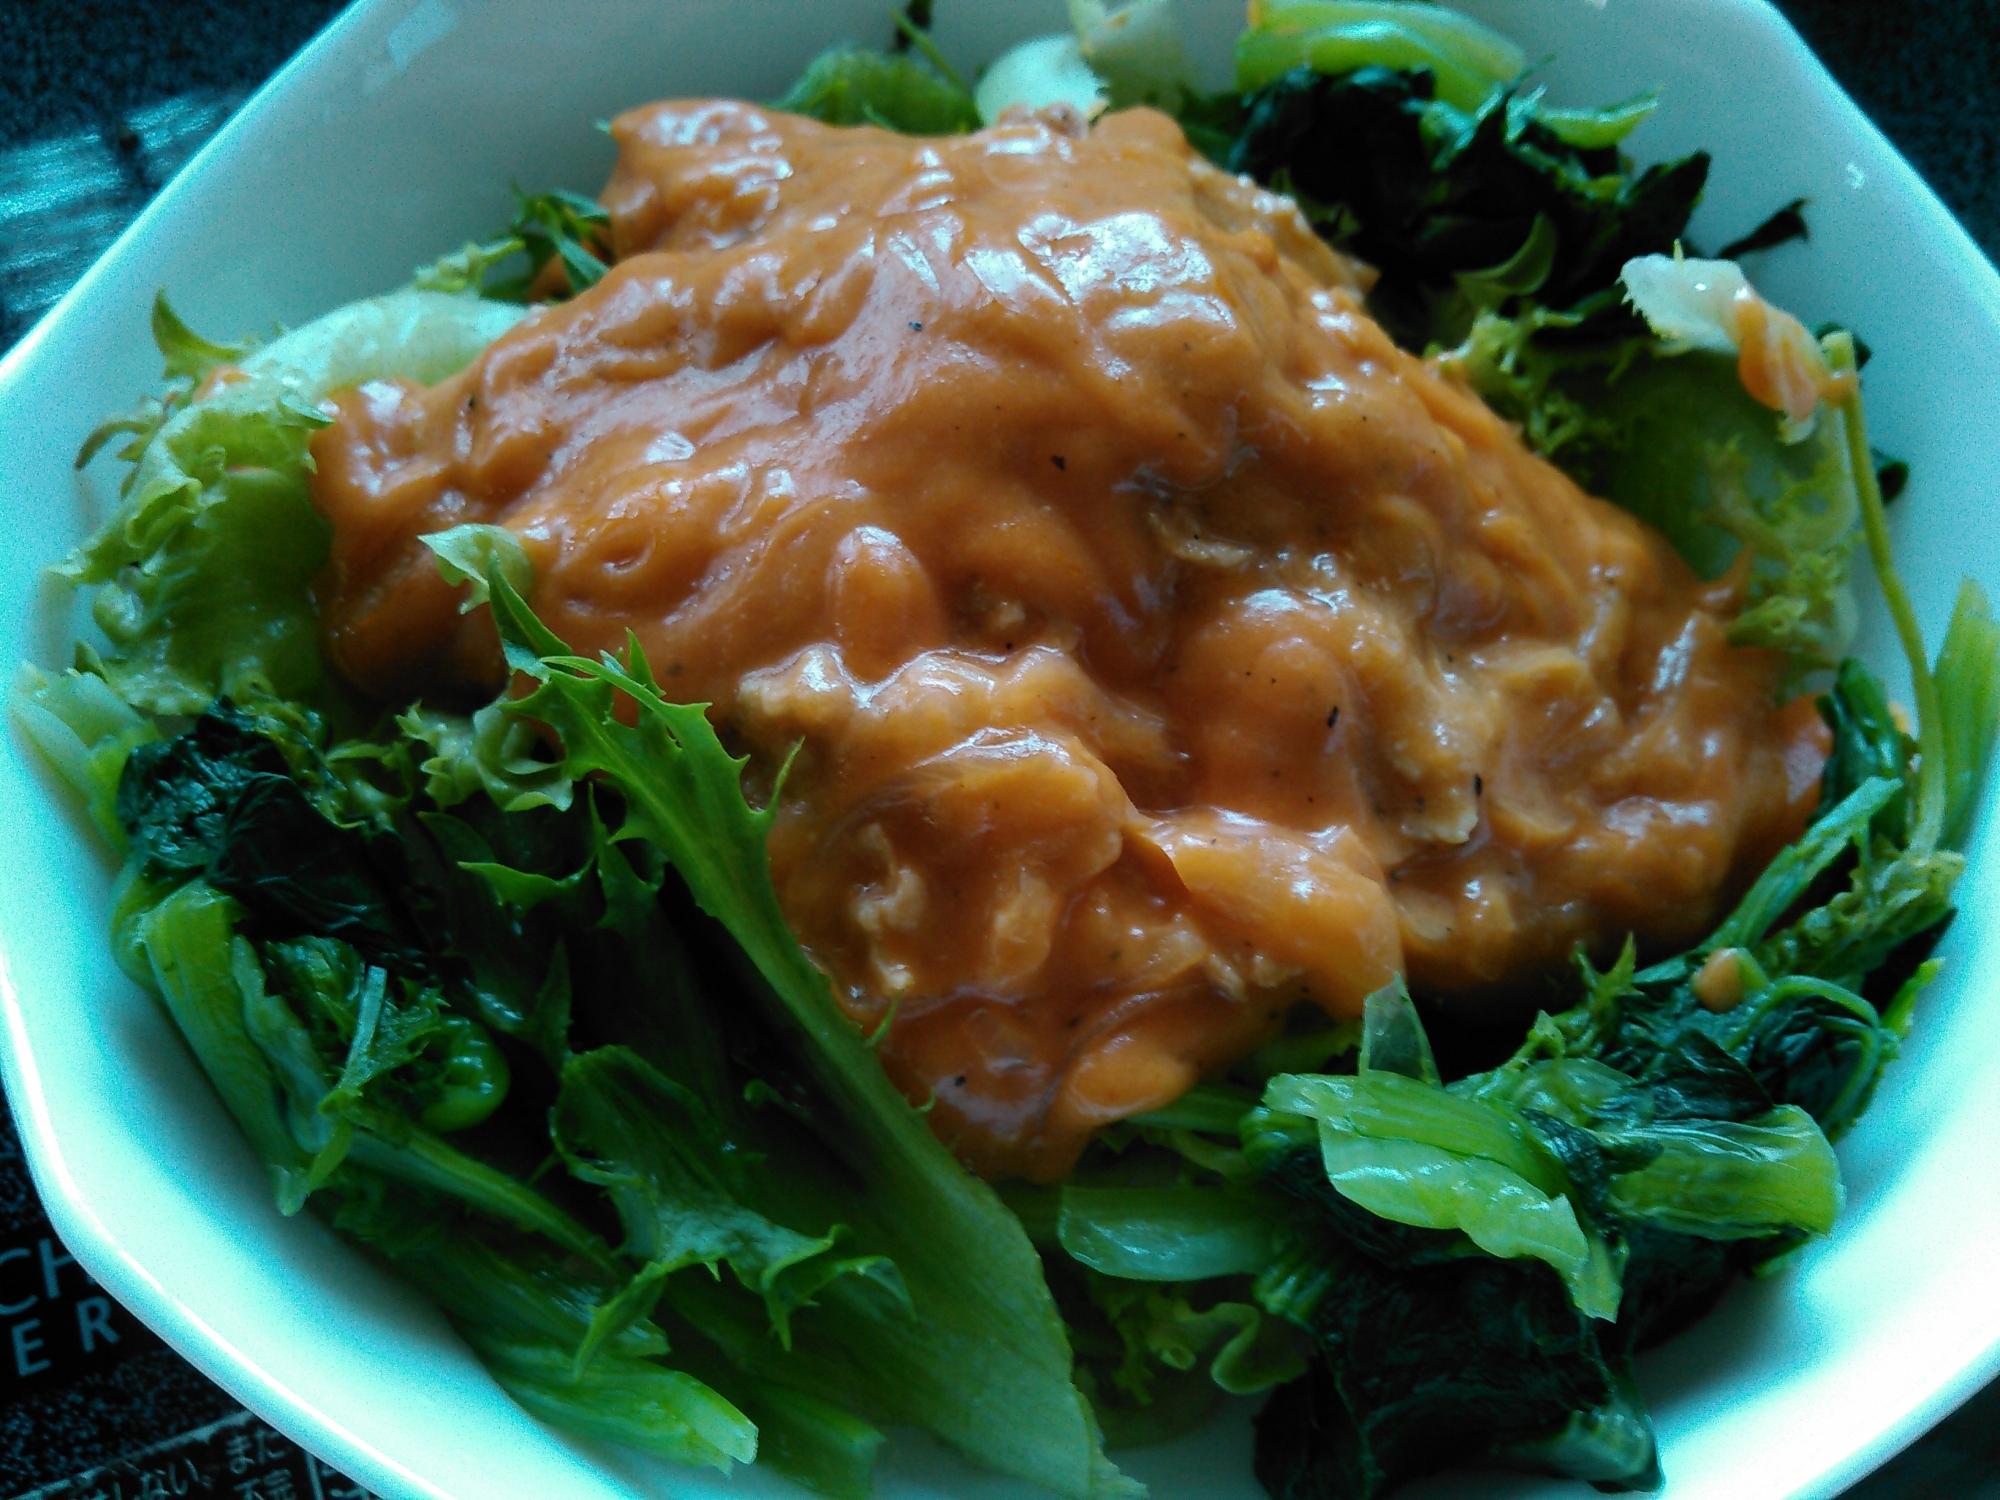 リーフレタスと小松菜のささみ入トマトクリームソース